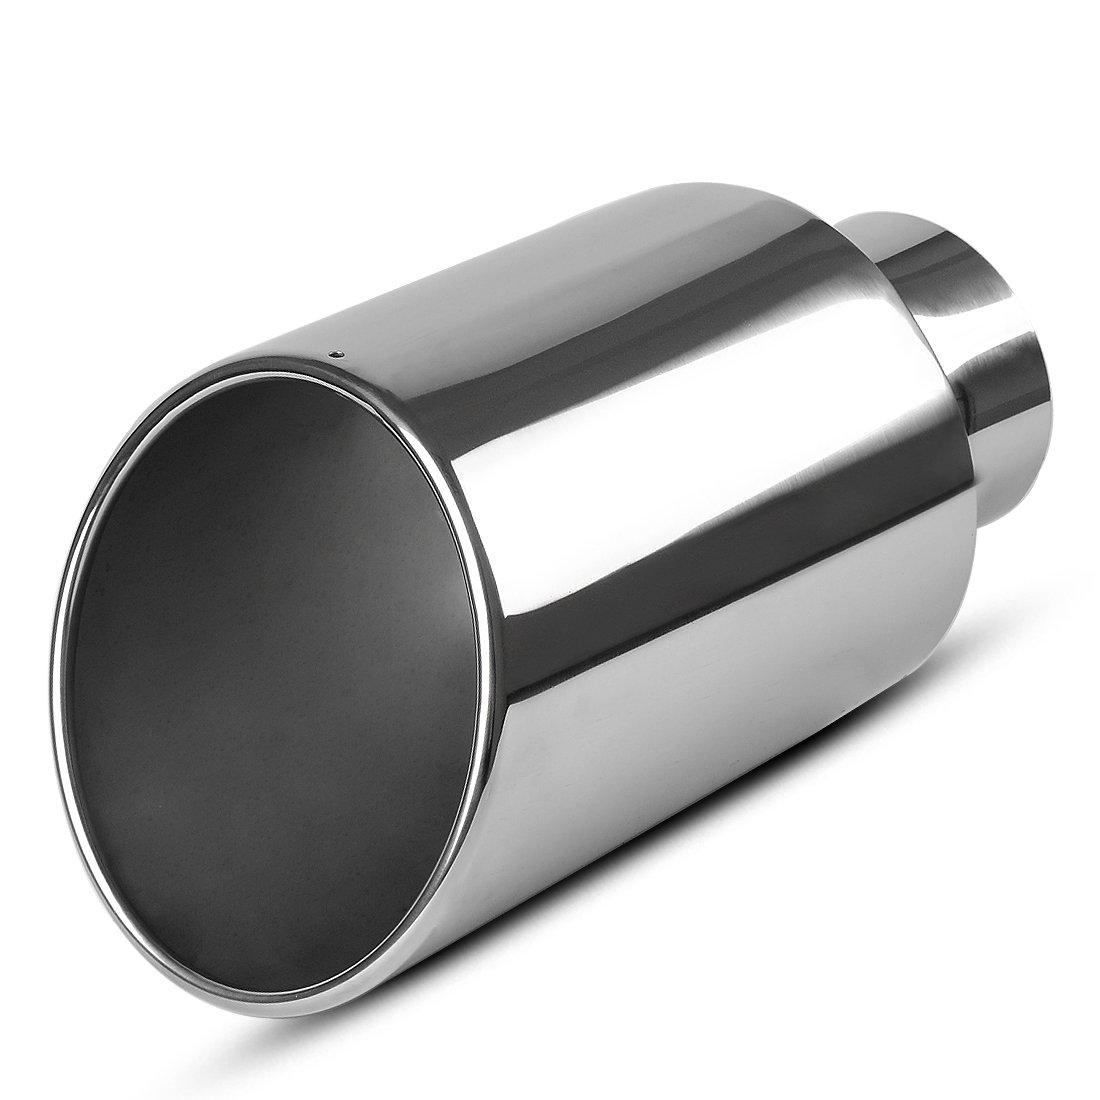 Full Gasket Kit 4355230 4955229 4955522 for Cummins 6BT 6.7 QSB